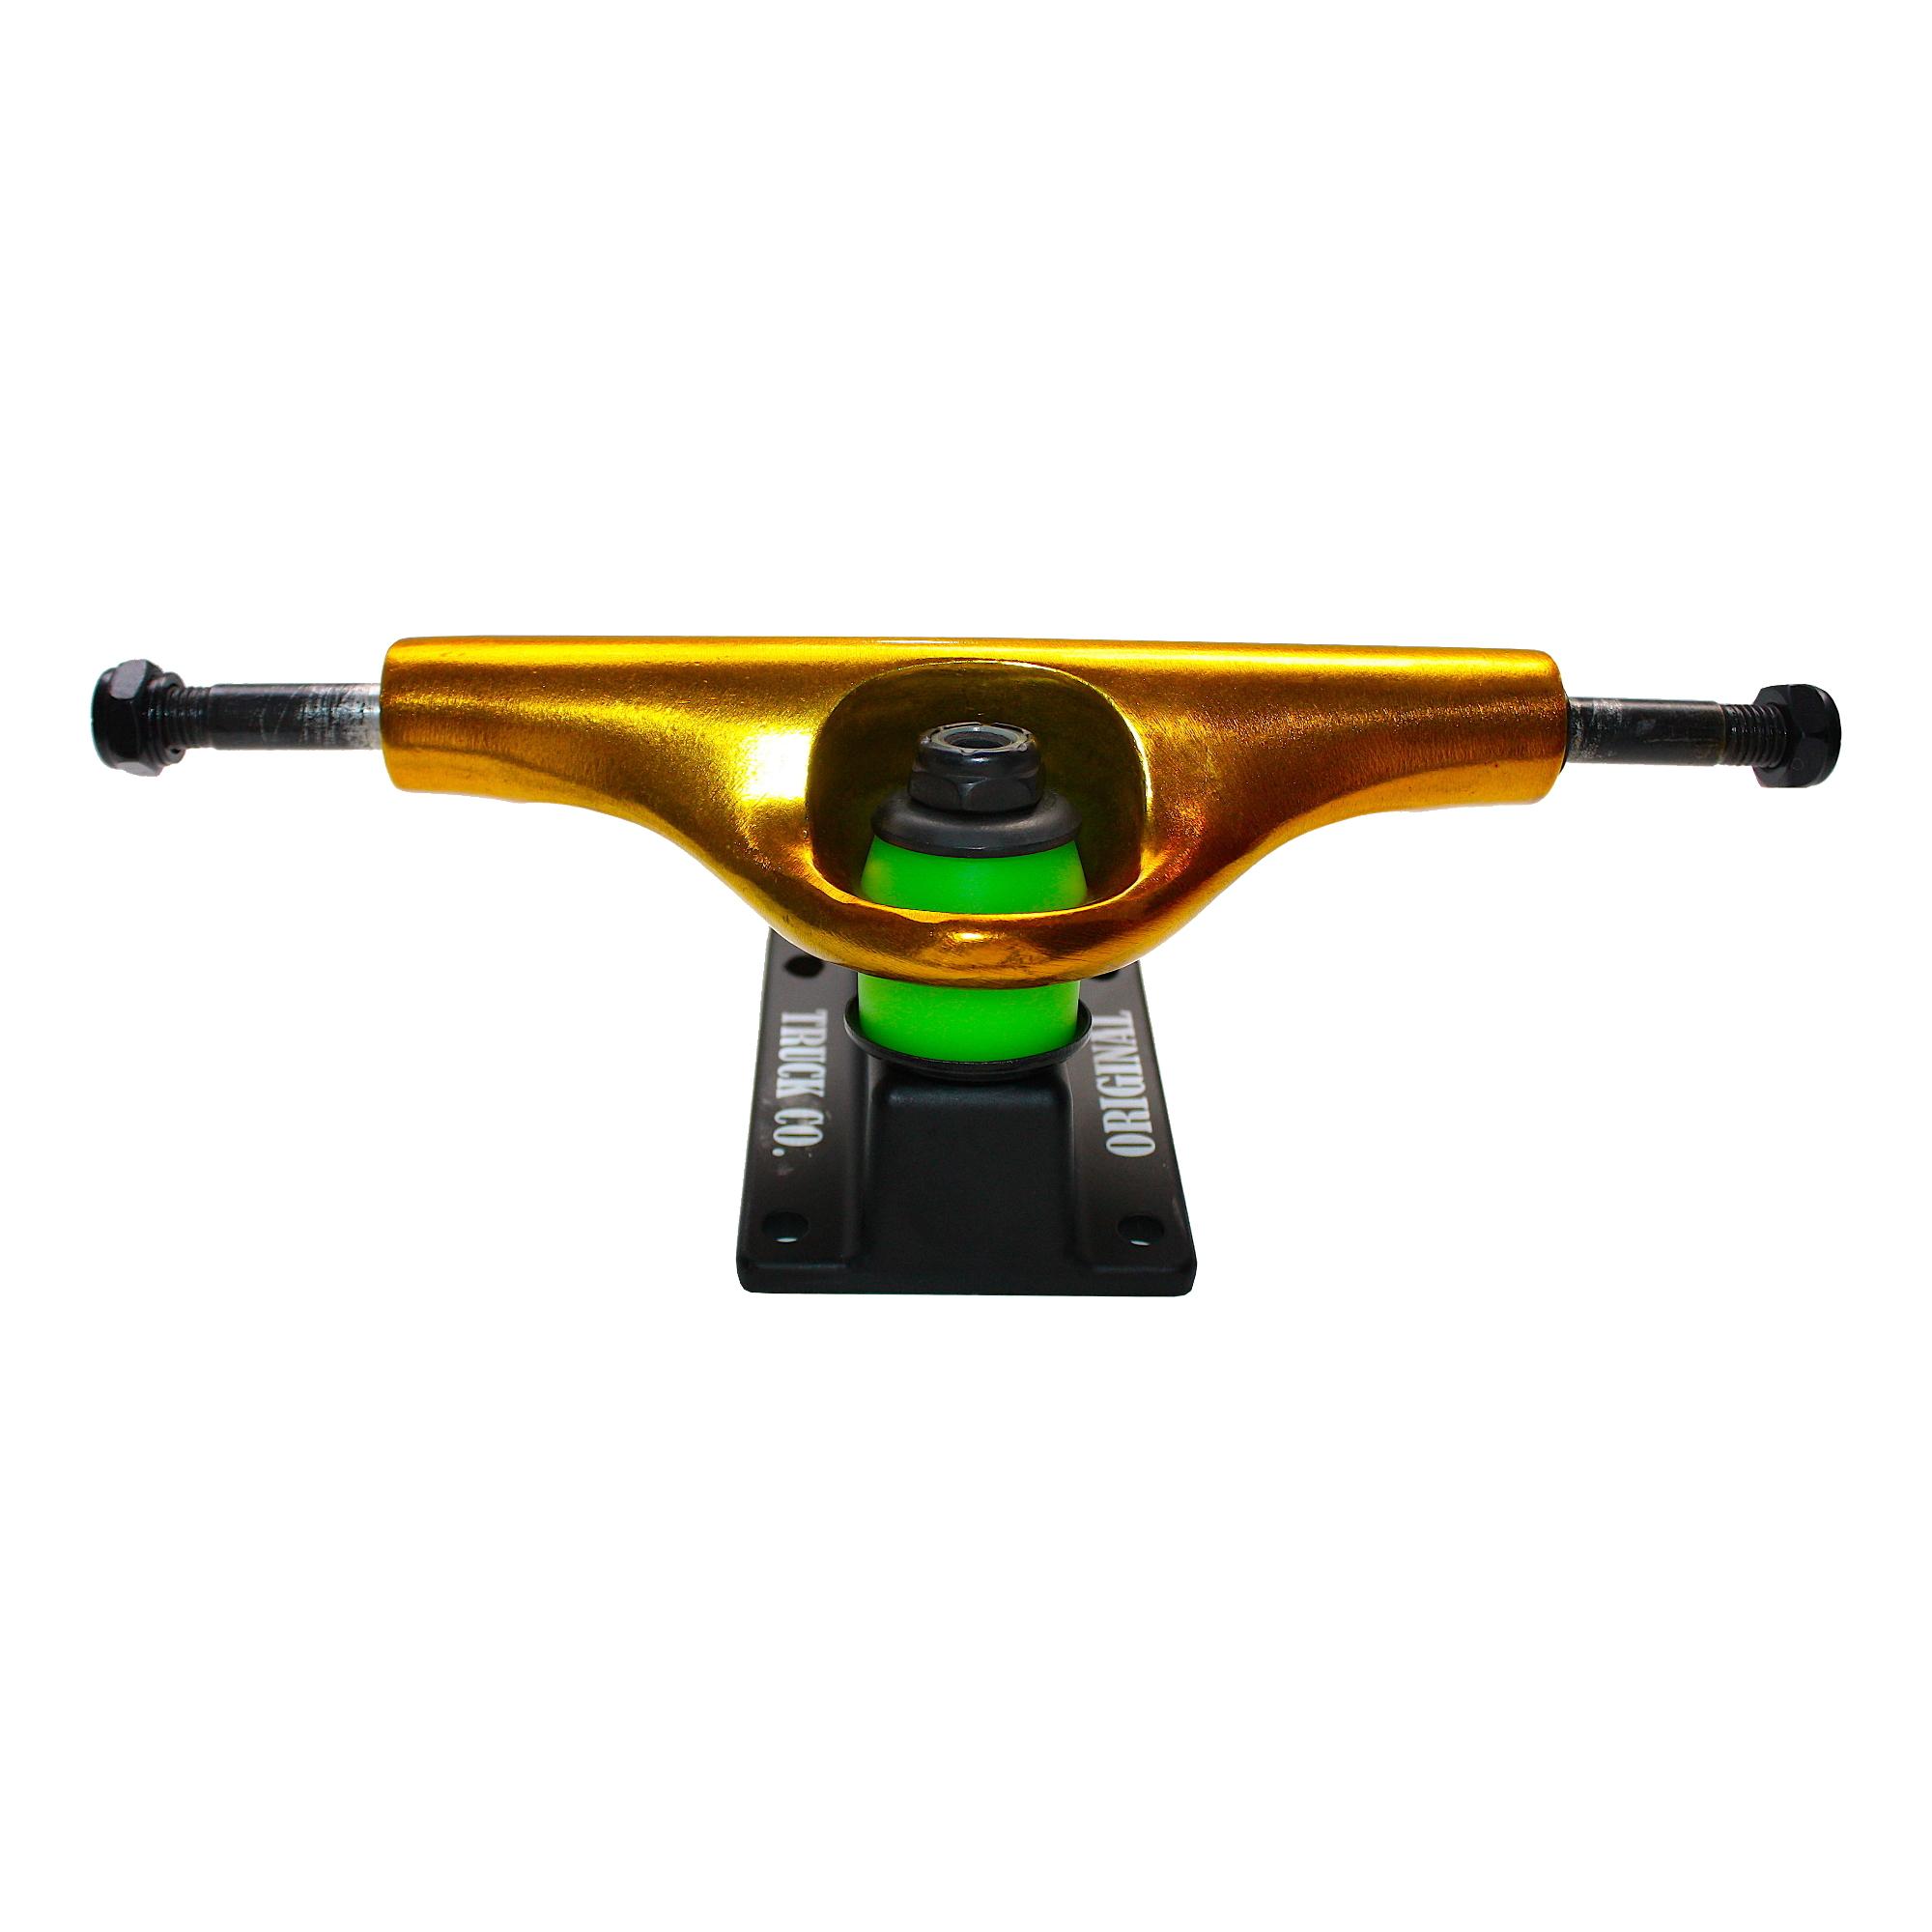 Подвески для скейта ORIGINAL TRUCKS CO. (Gold/Black)